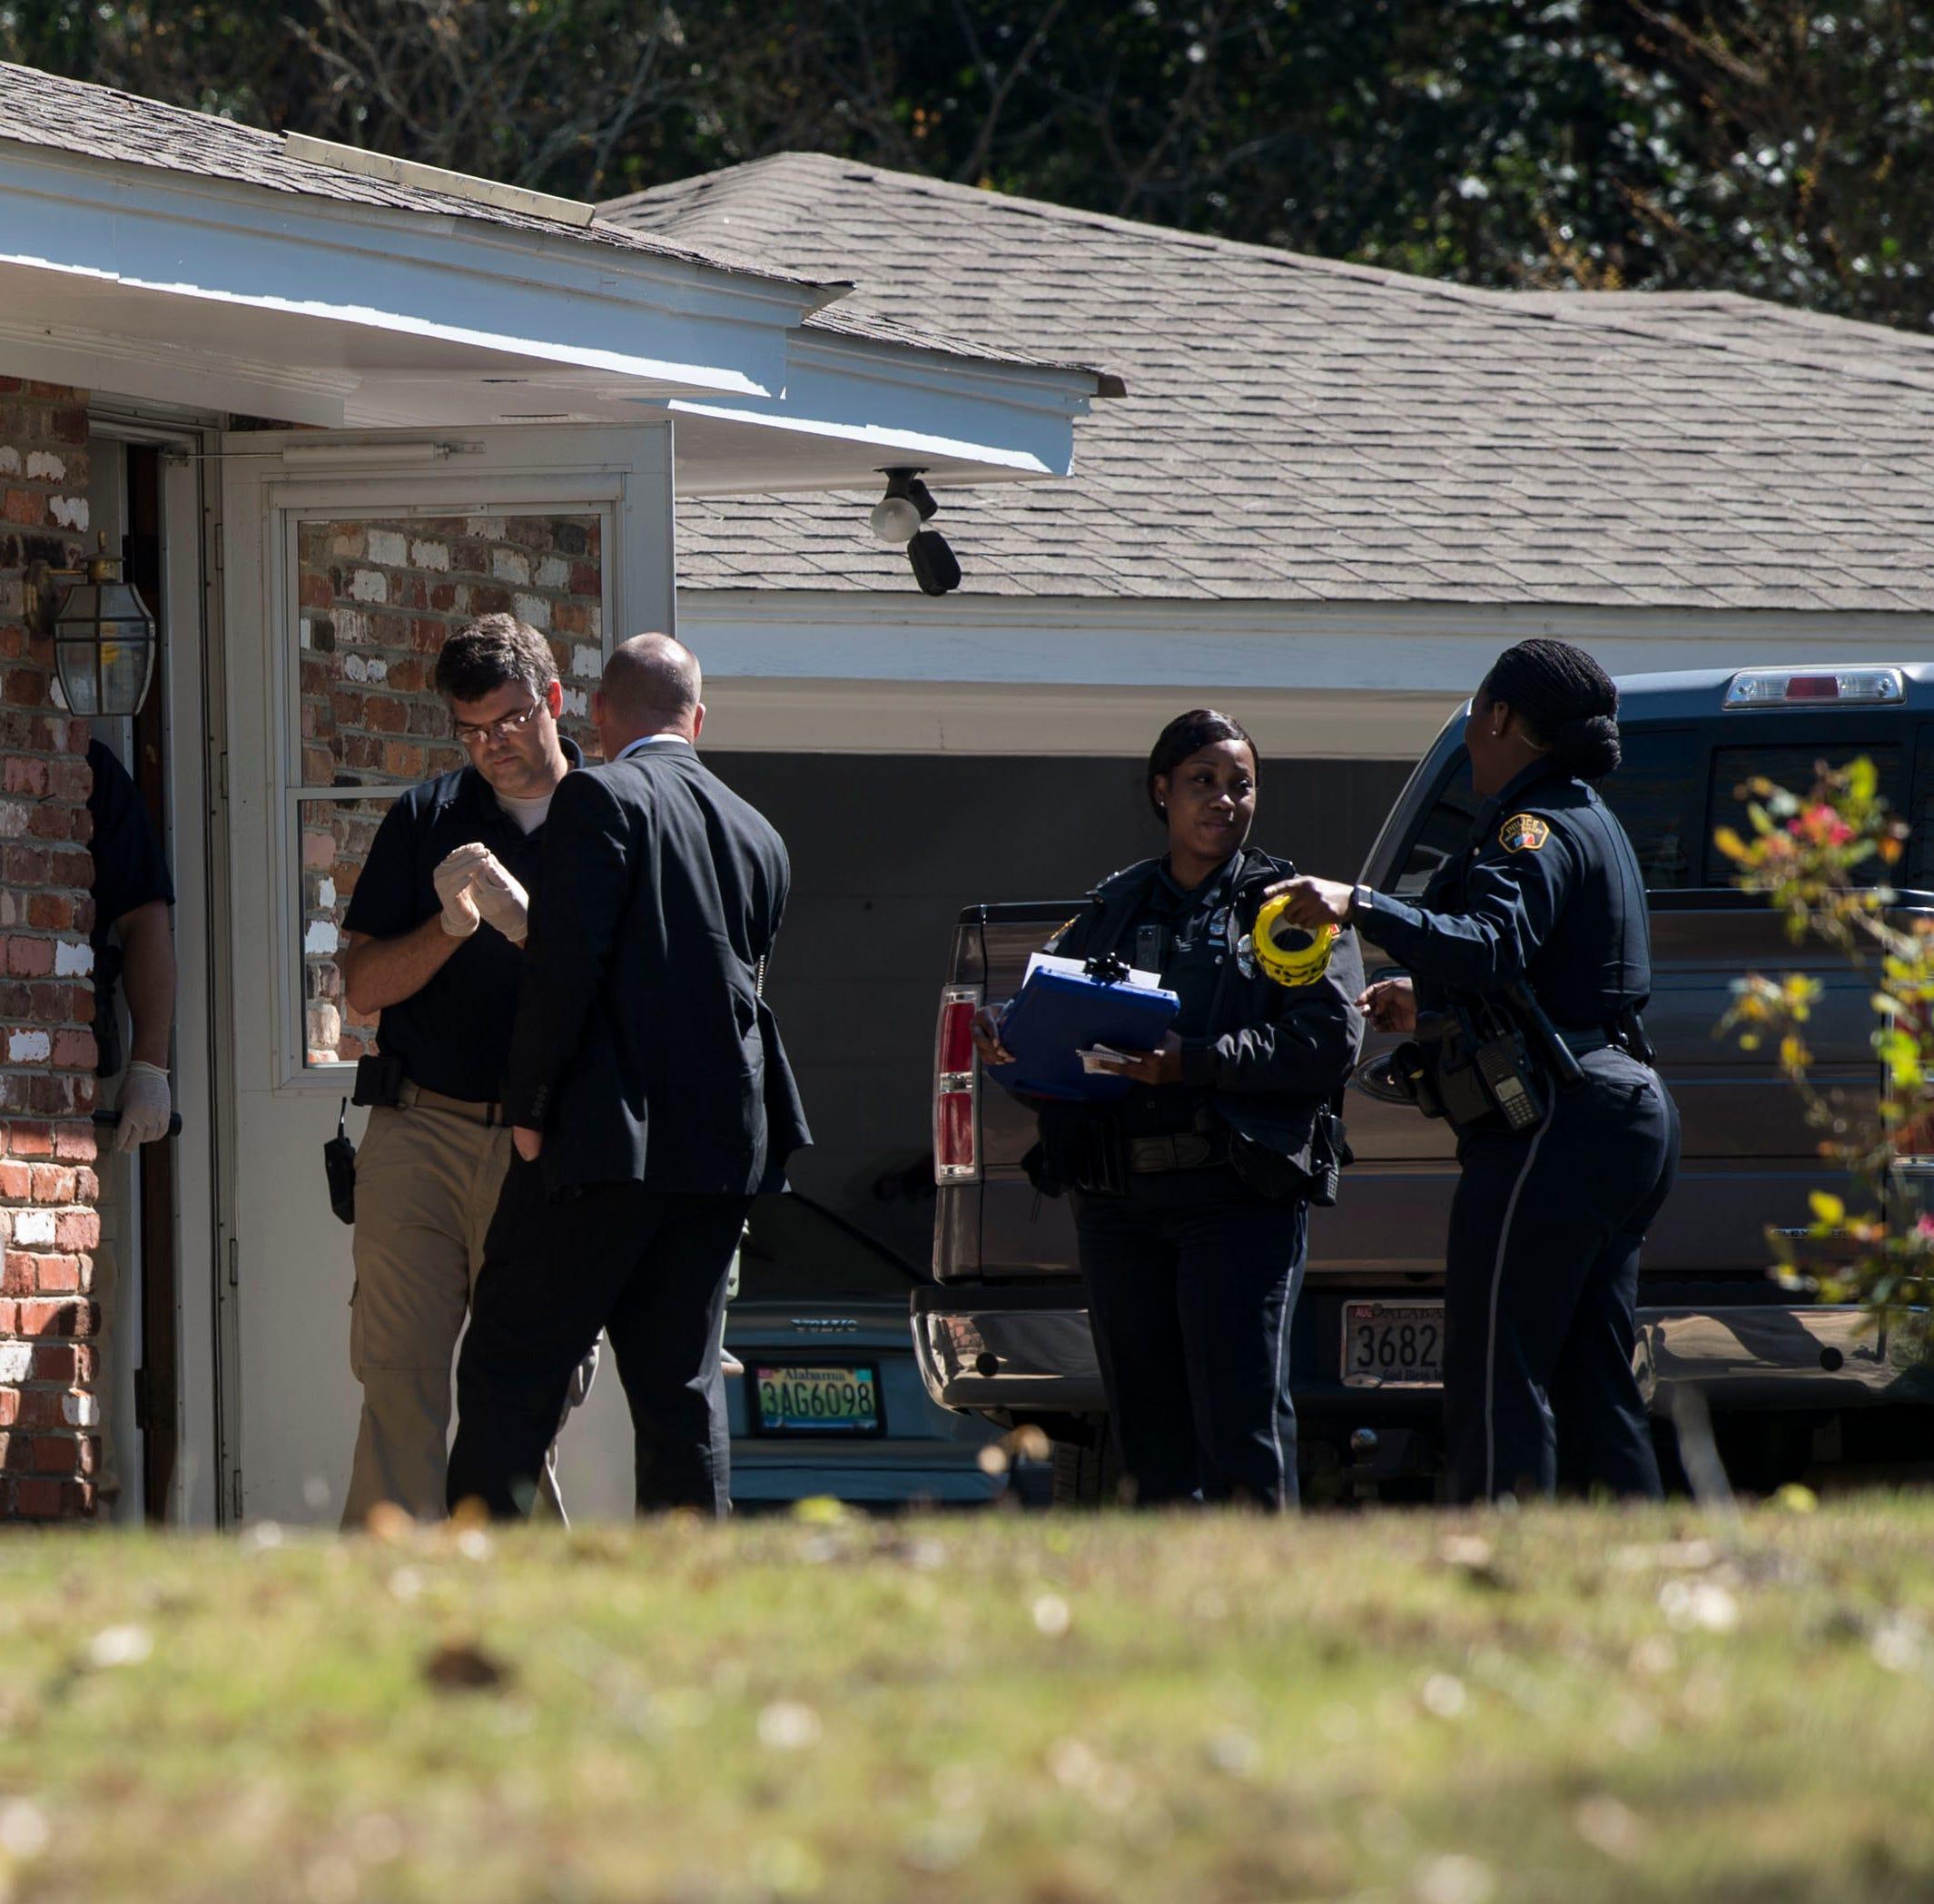 Man shot, suspect in custody following Fieldcrest Drive altercation